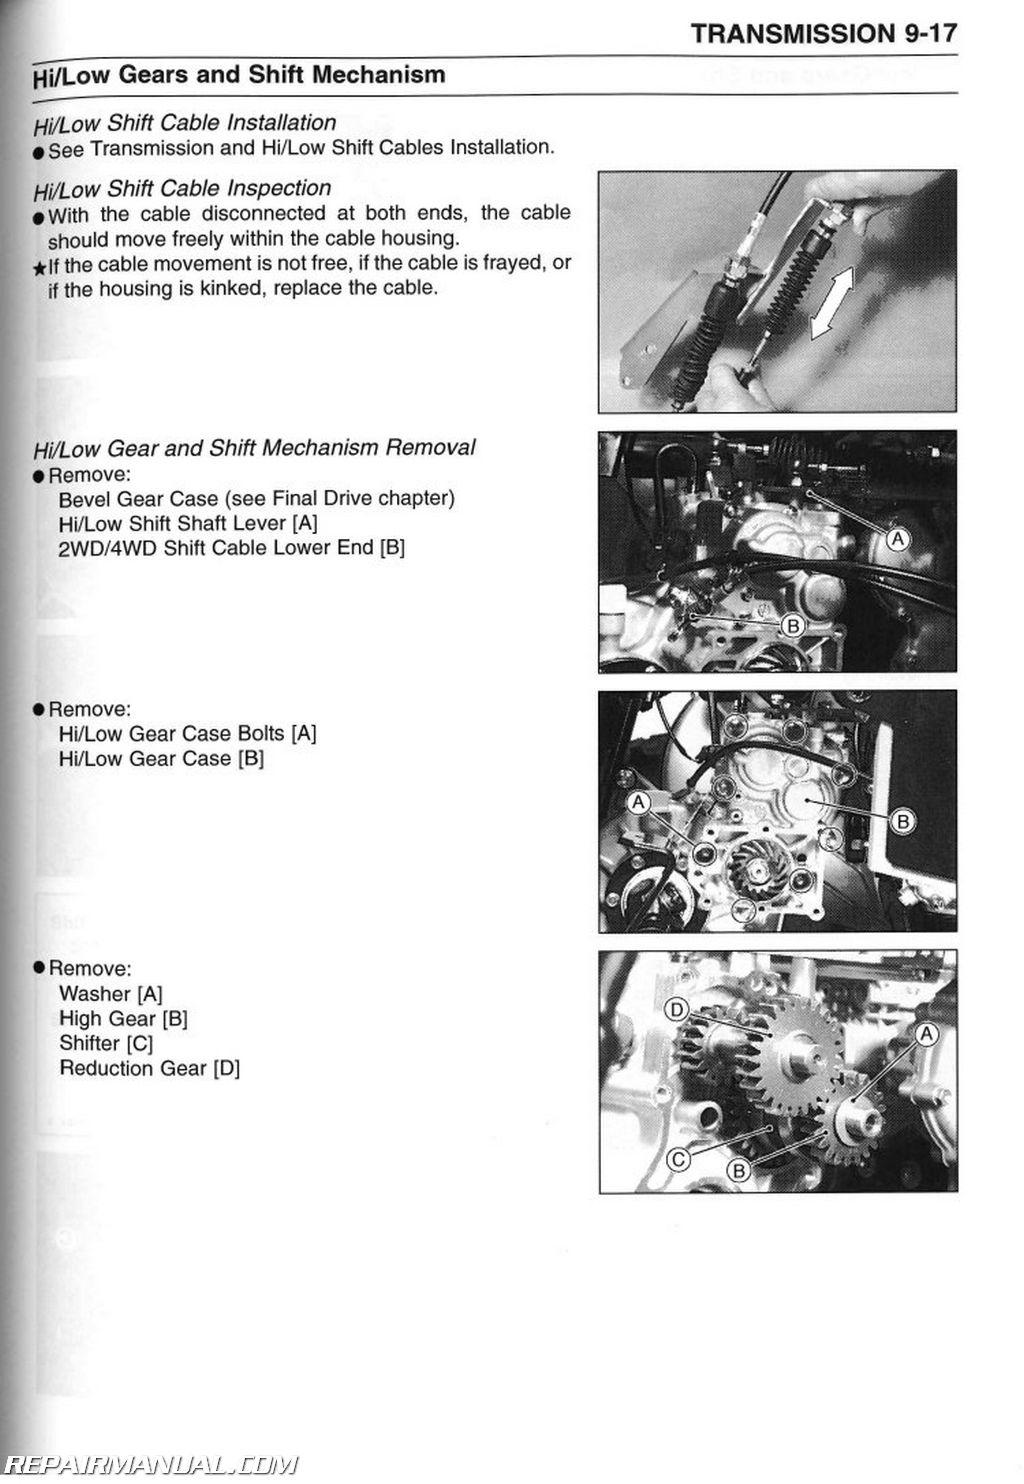 Kawasaki Wiring Diagrams besides 05 Kawasaki Brute Force 750 Wiring Diagram likewise Kawasaki Bayou 300 Parts Diagram Rear besides Kawasaki Mule Oil Fuel Filter moreover Kawasaki Mule 610 Parts Diagram Spark Plug. on kawasaki mule wiring diagram besides 550 parts